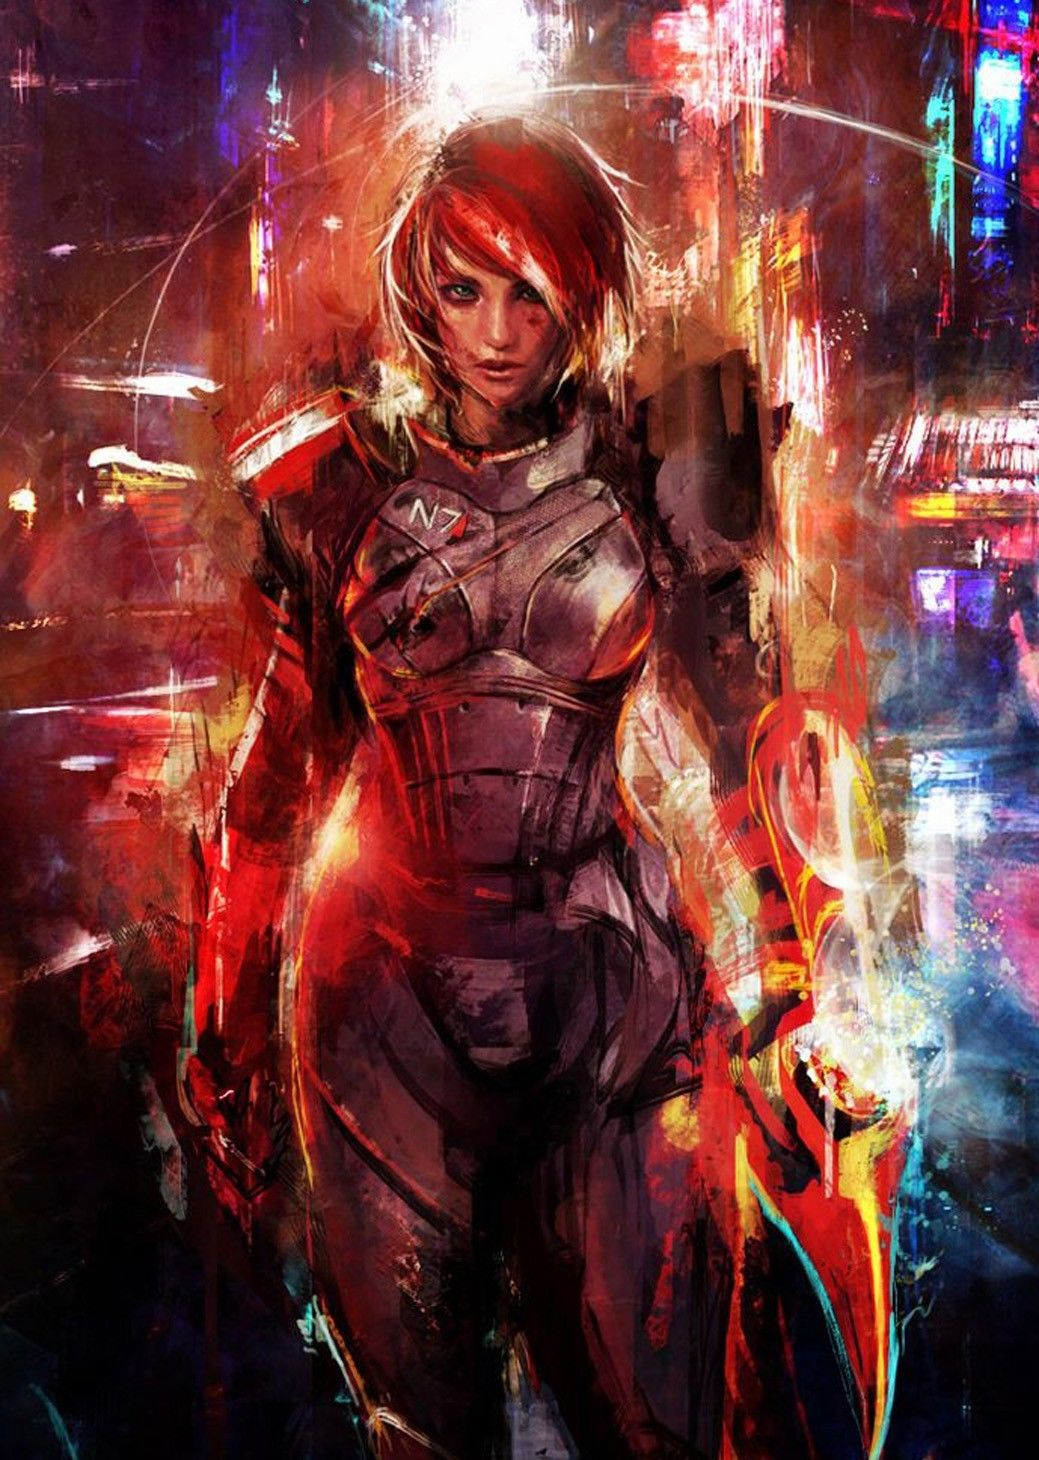 Mass Effect 3 4 Game Space War Fabric poster 17x 13 Decor 140